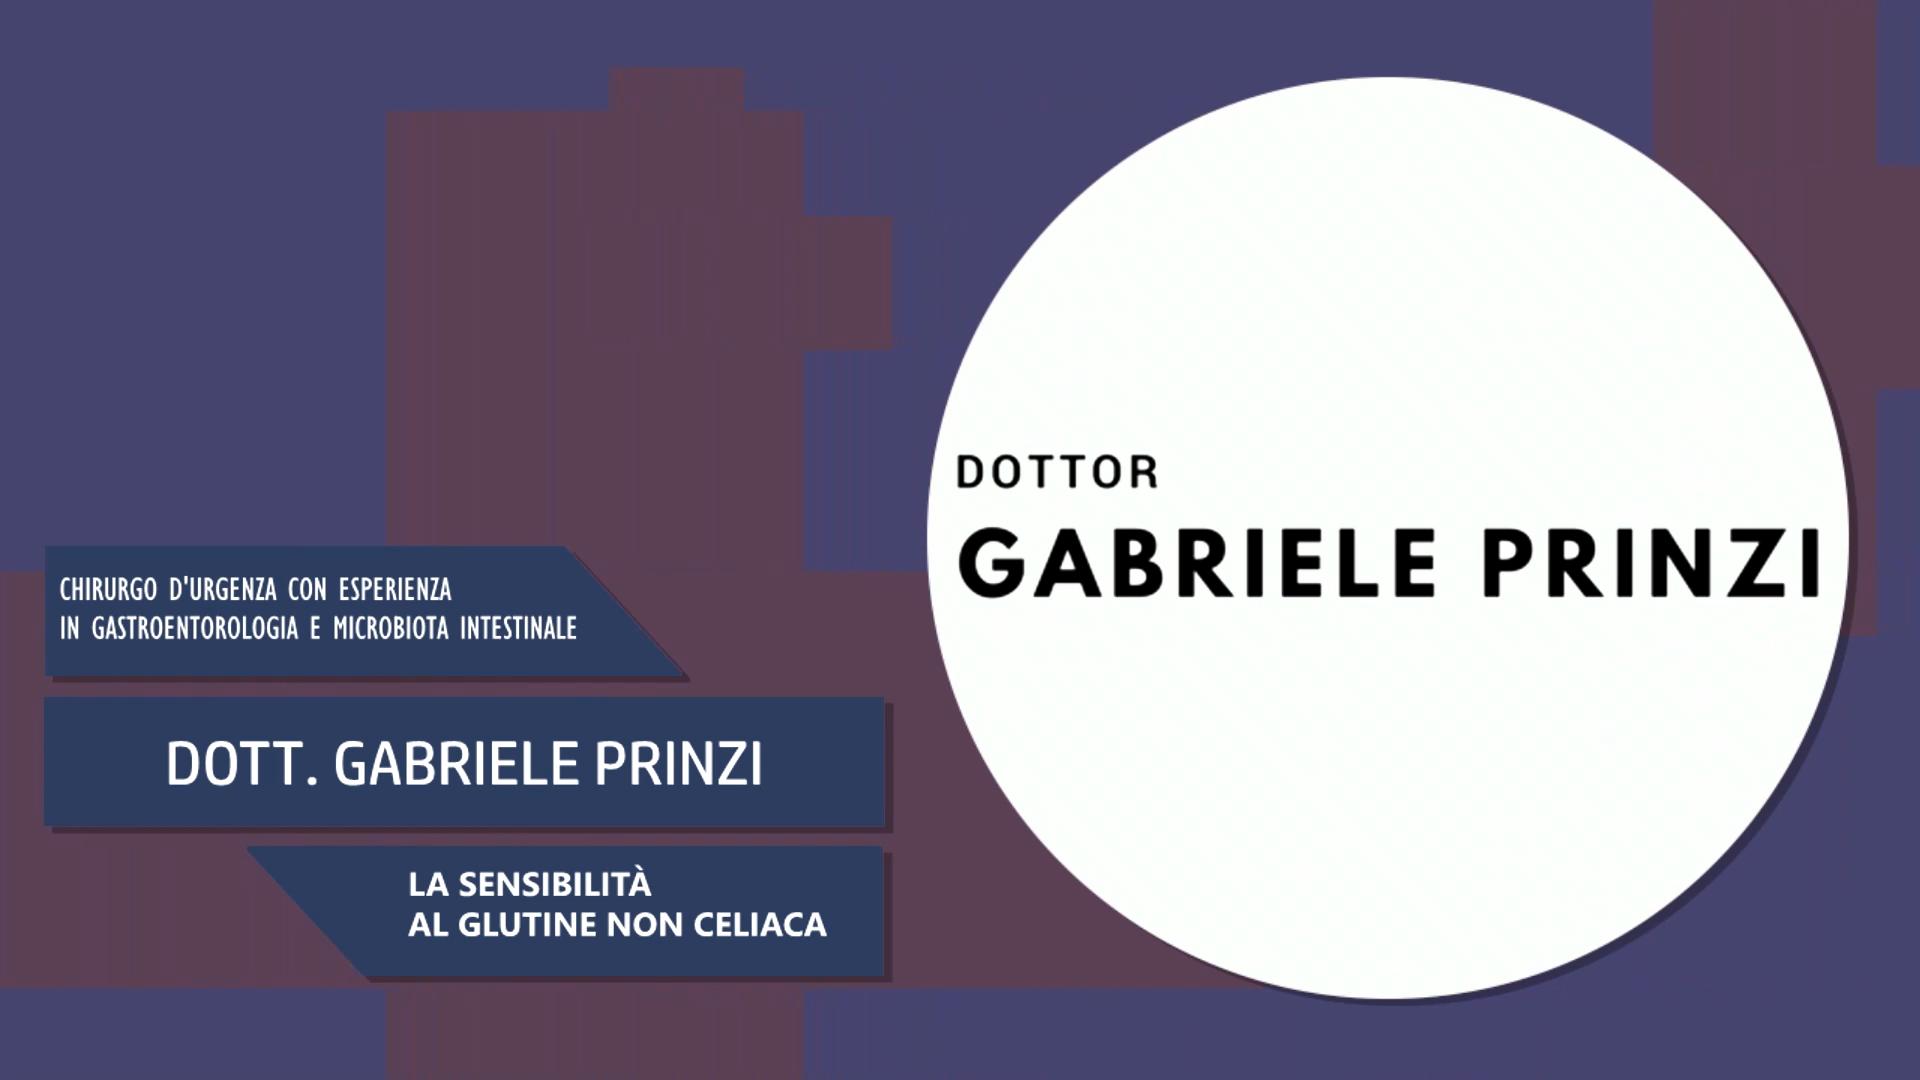 Intervista al Dott. Gabriele Prinzi – La sensibilità al glutine non celiaca